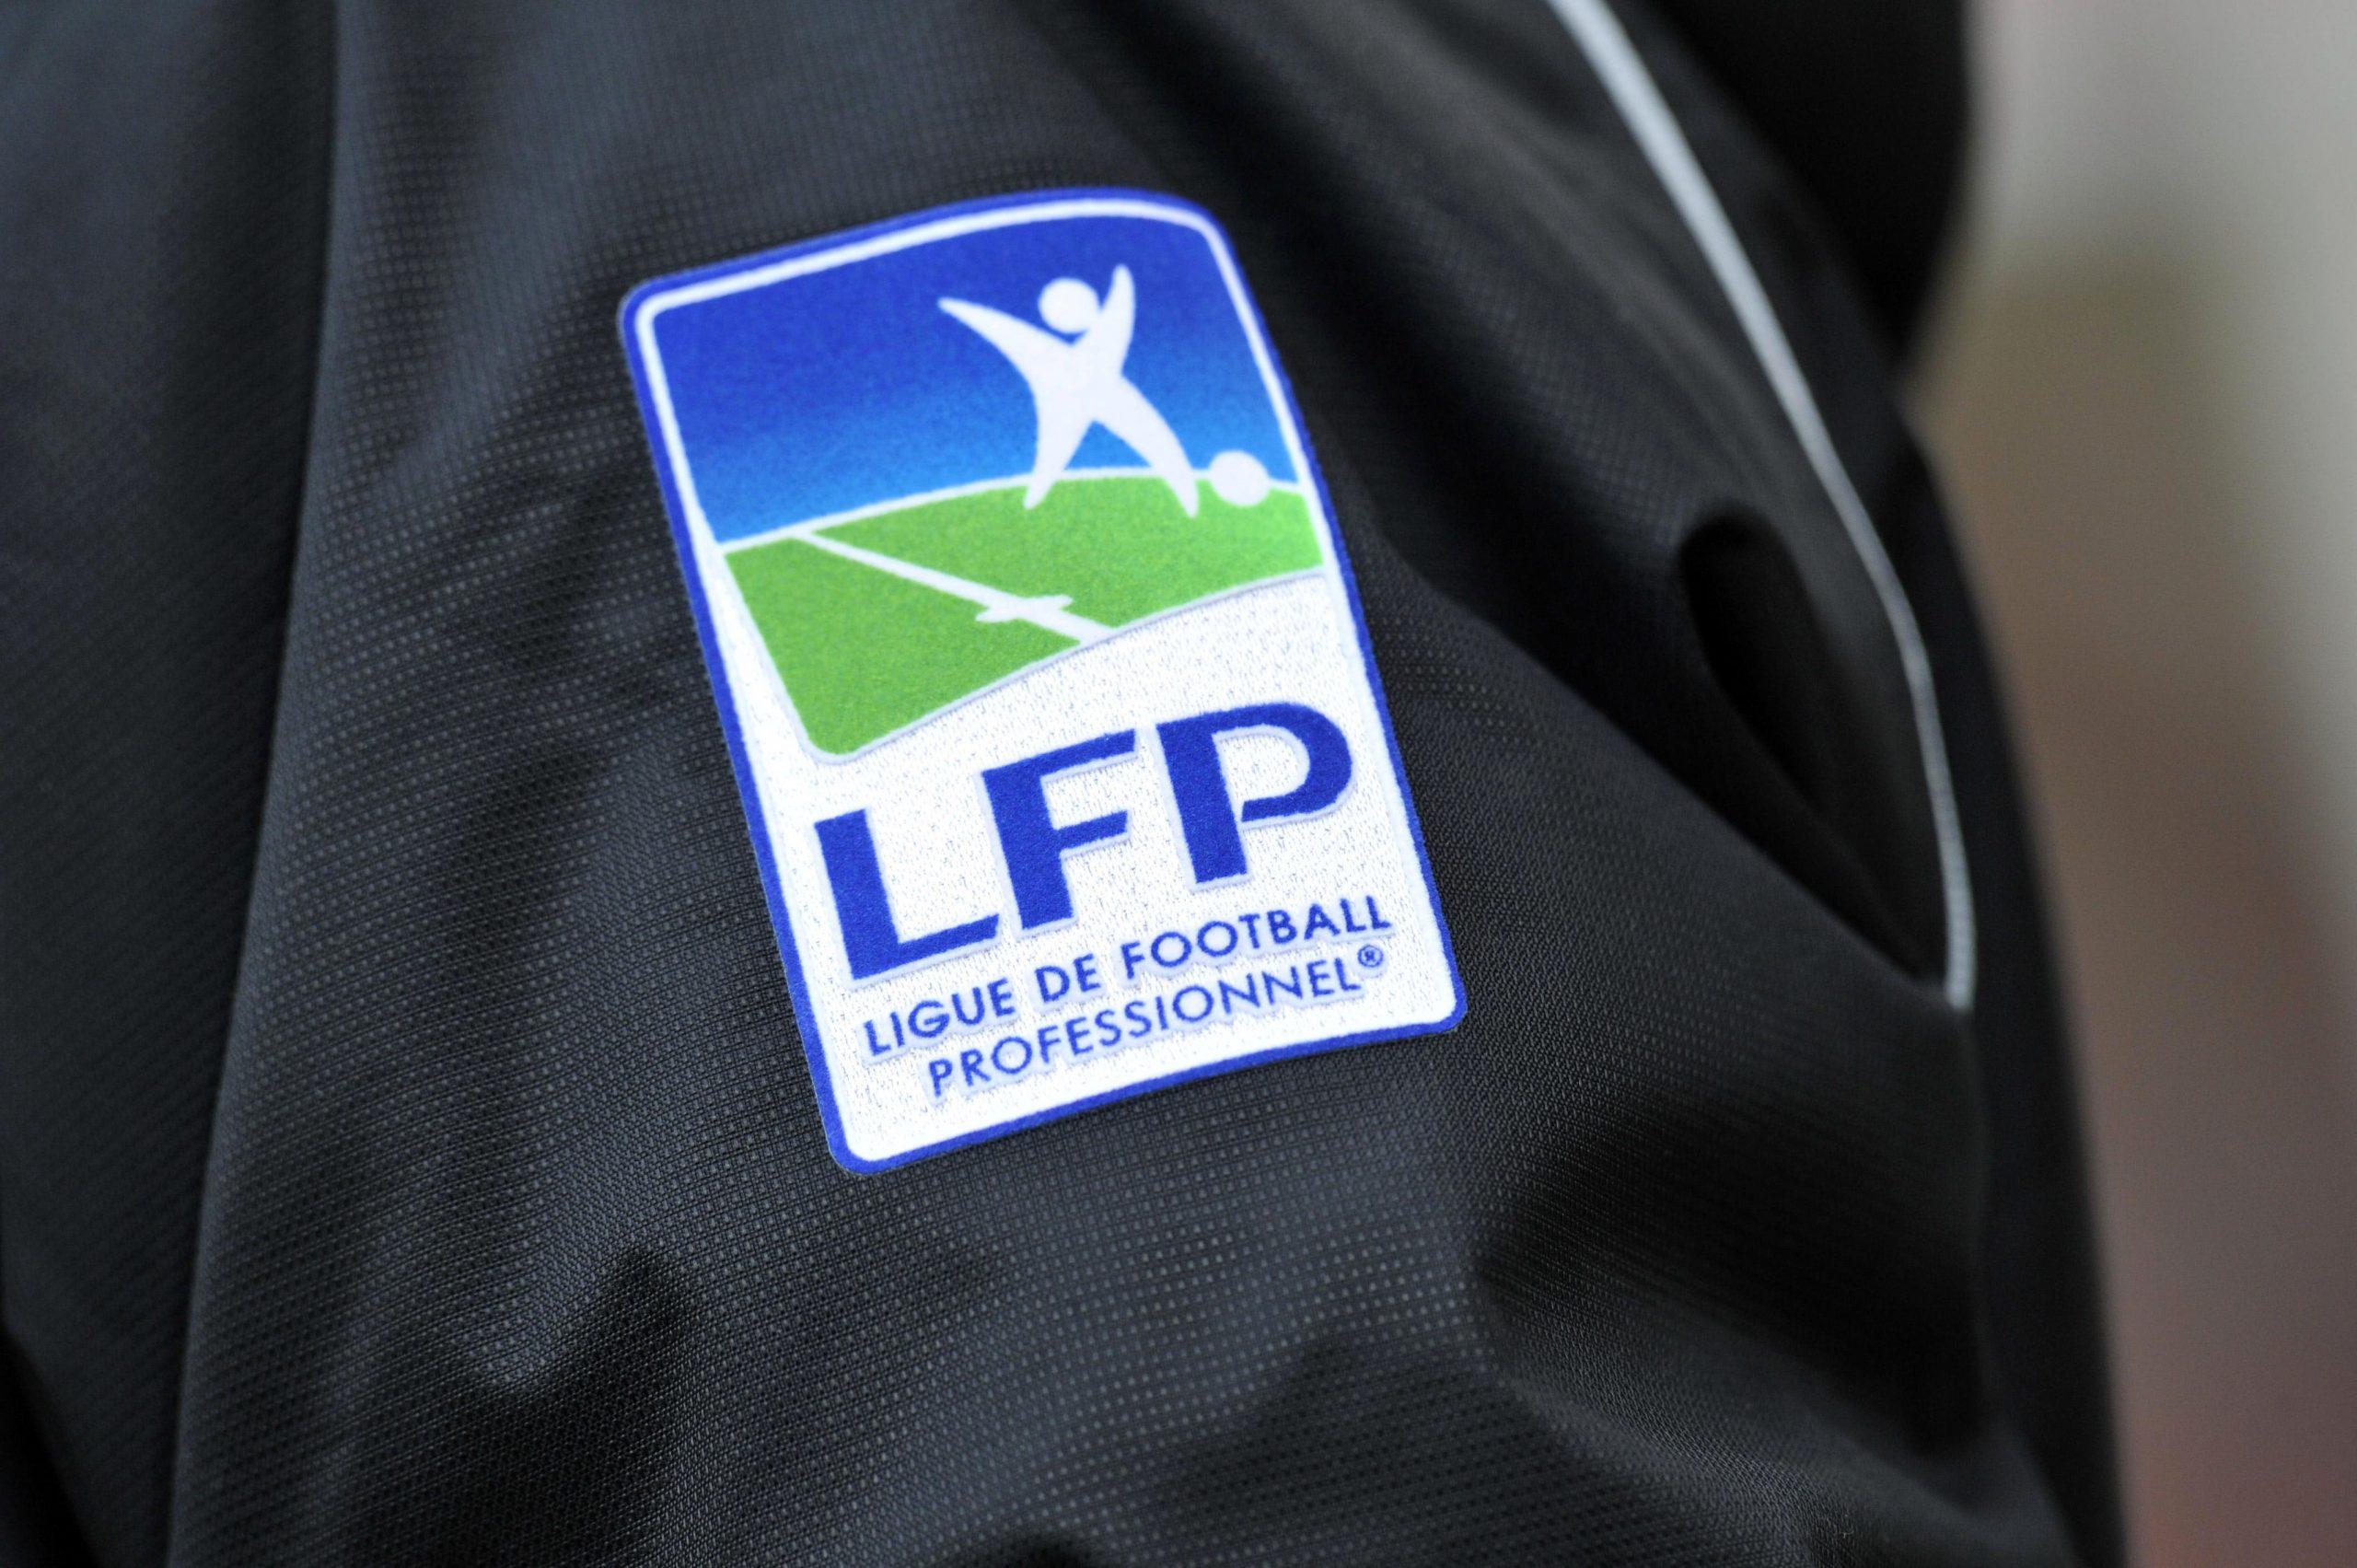 Officiel - La Ligue 1 et la Ligue 2 sont suspendues à cause du coronavirus, annonce la LFP